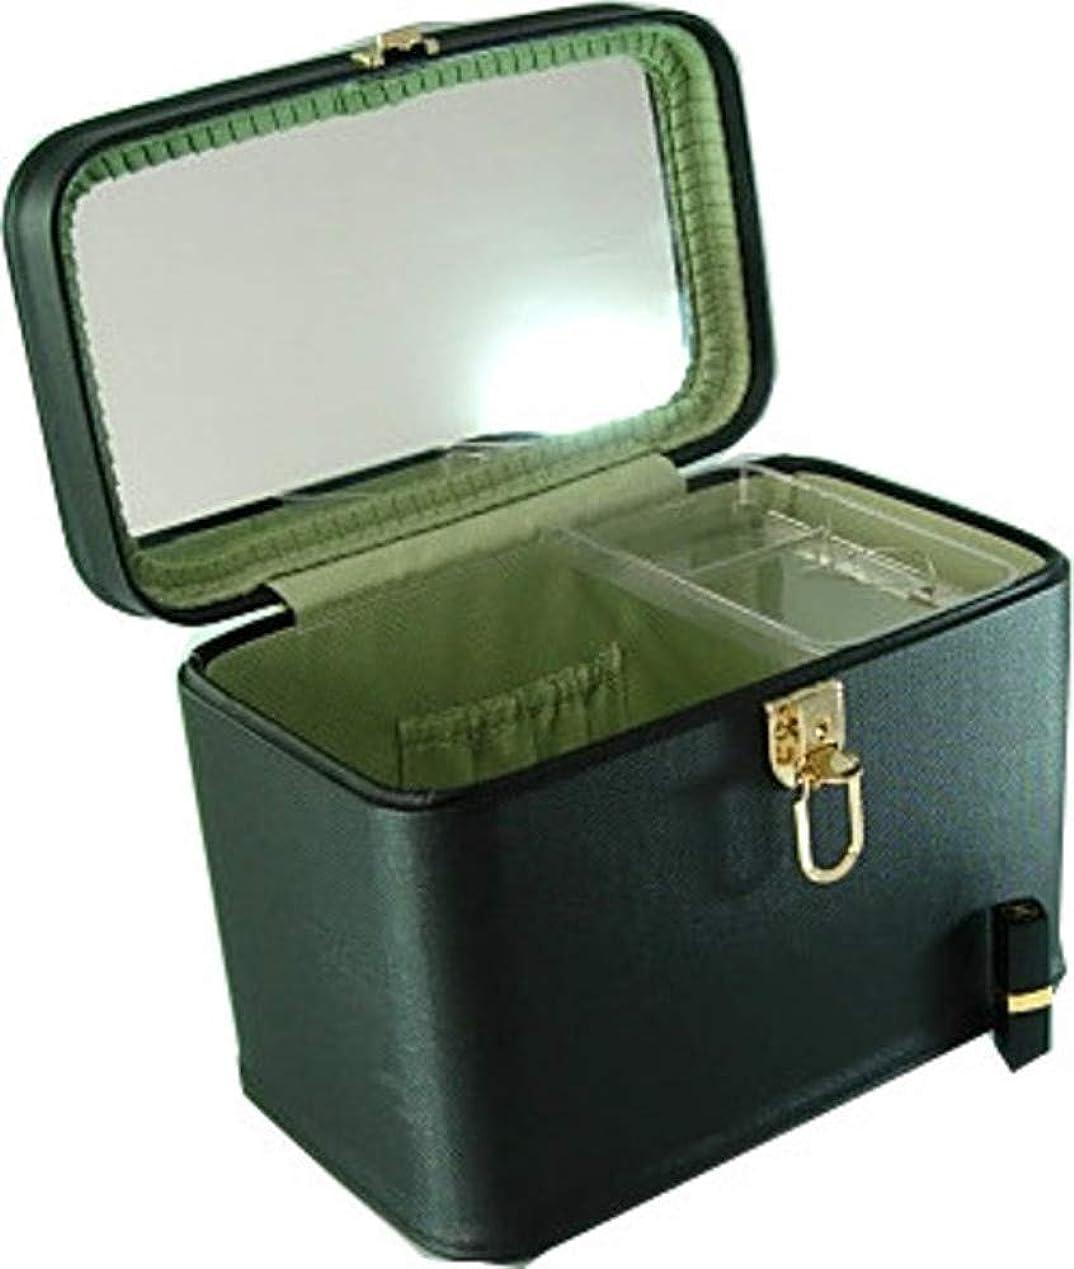 ハシー専門用語シェルターメイクボックス コスメボックス トリプルG2 33cm ヨコパールブラック 日本製 メイクボックス,コスメボックス,メイクアップボックス,トレンチケース,お化粧入れ,化粧雑貨,メーキャップボックス,化粧箱,かわいい,メイク道具箱,メイク雑貨,化粧ボックス